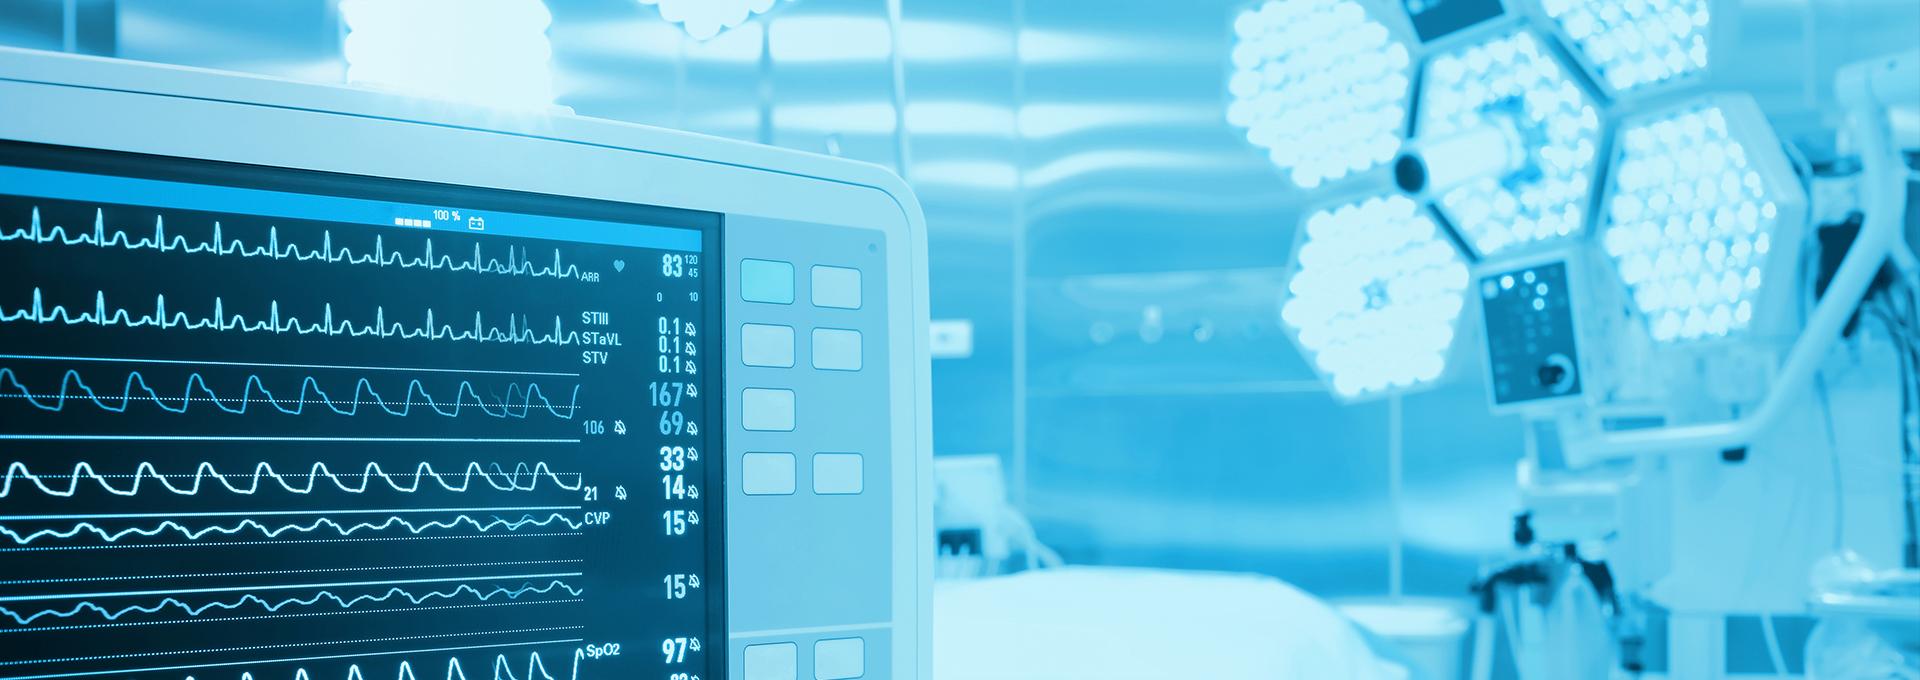 Giải pháp cho bệnh viện